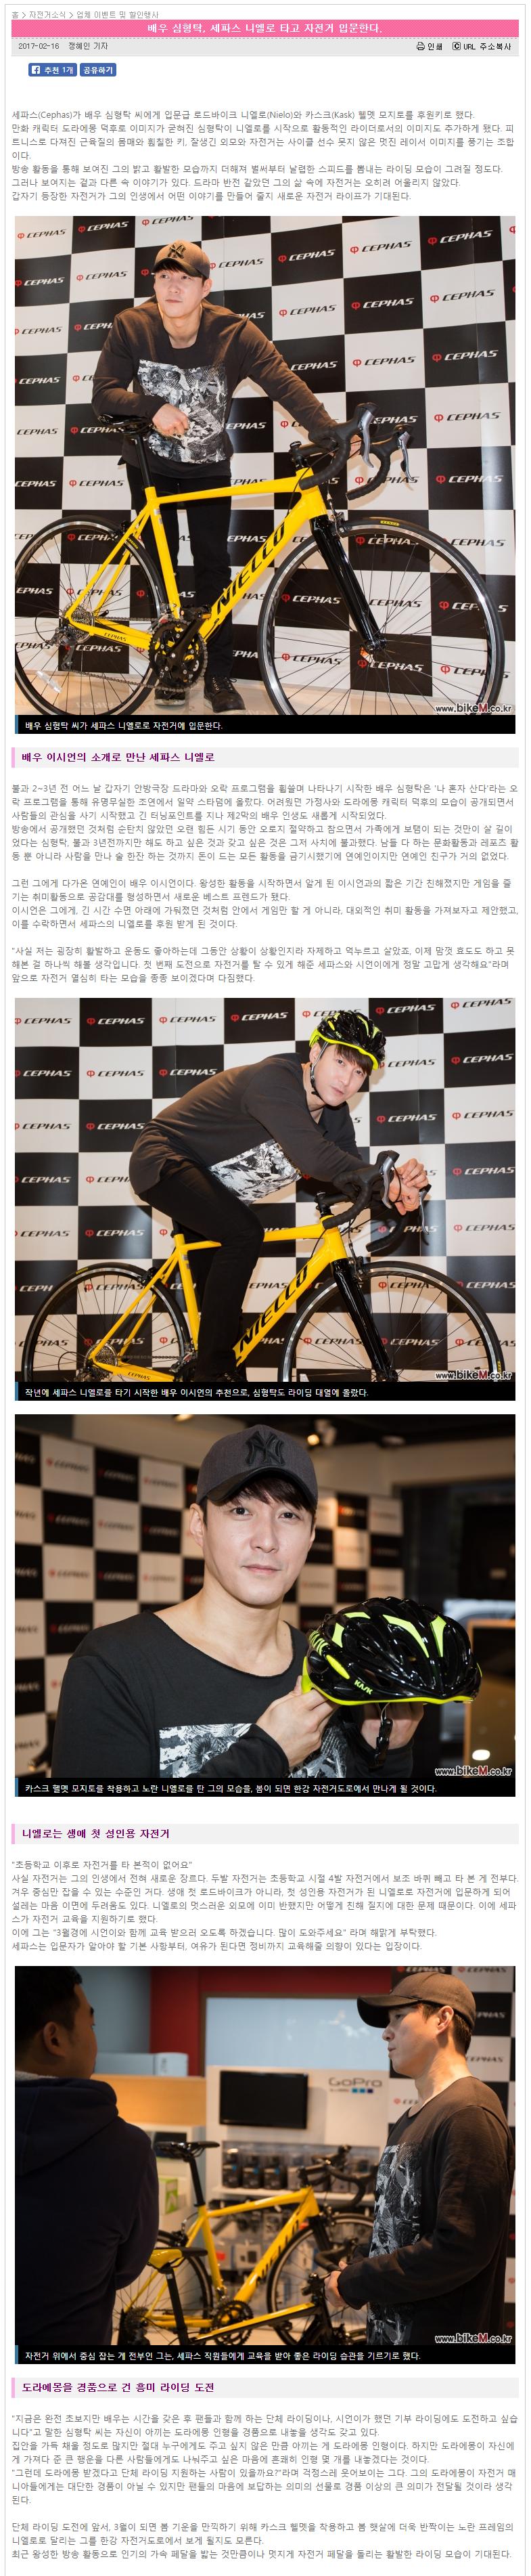 [바이크매거진 배우 심형탁, 세파스 니엘로 타고 자전거 입문한다..png